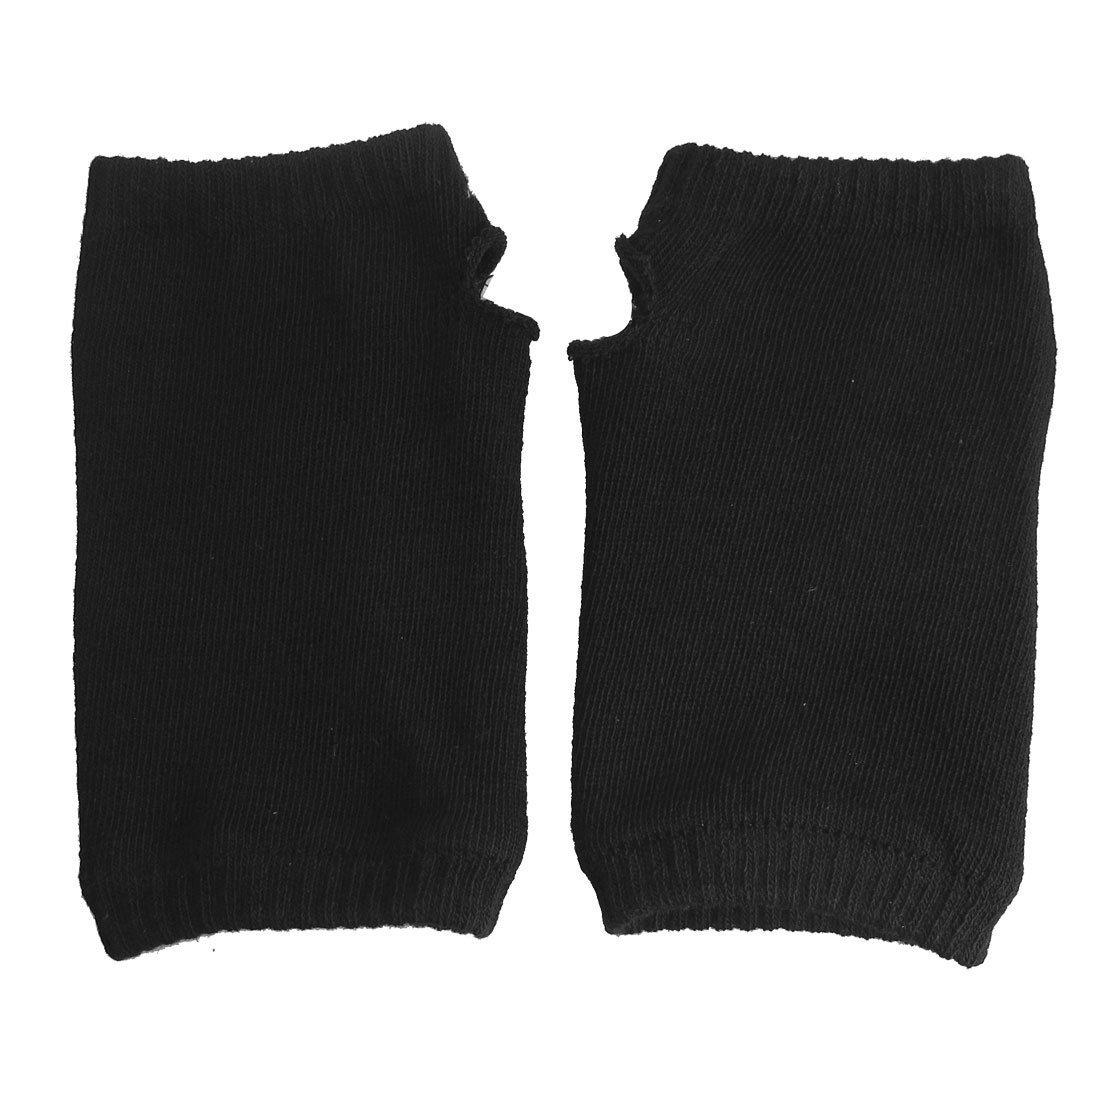 Gleader Une paire de Gants sans doigts/Mitaines tricotes d'hiver elastiques en acrylique noirs pour les femmes 008725